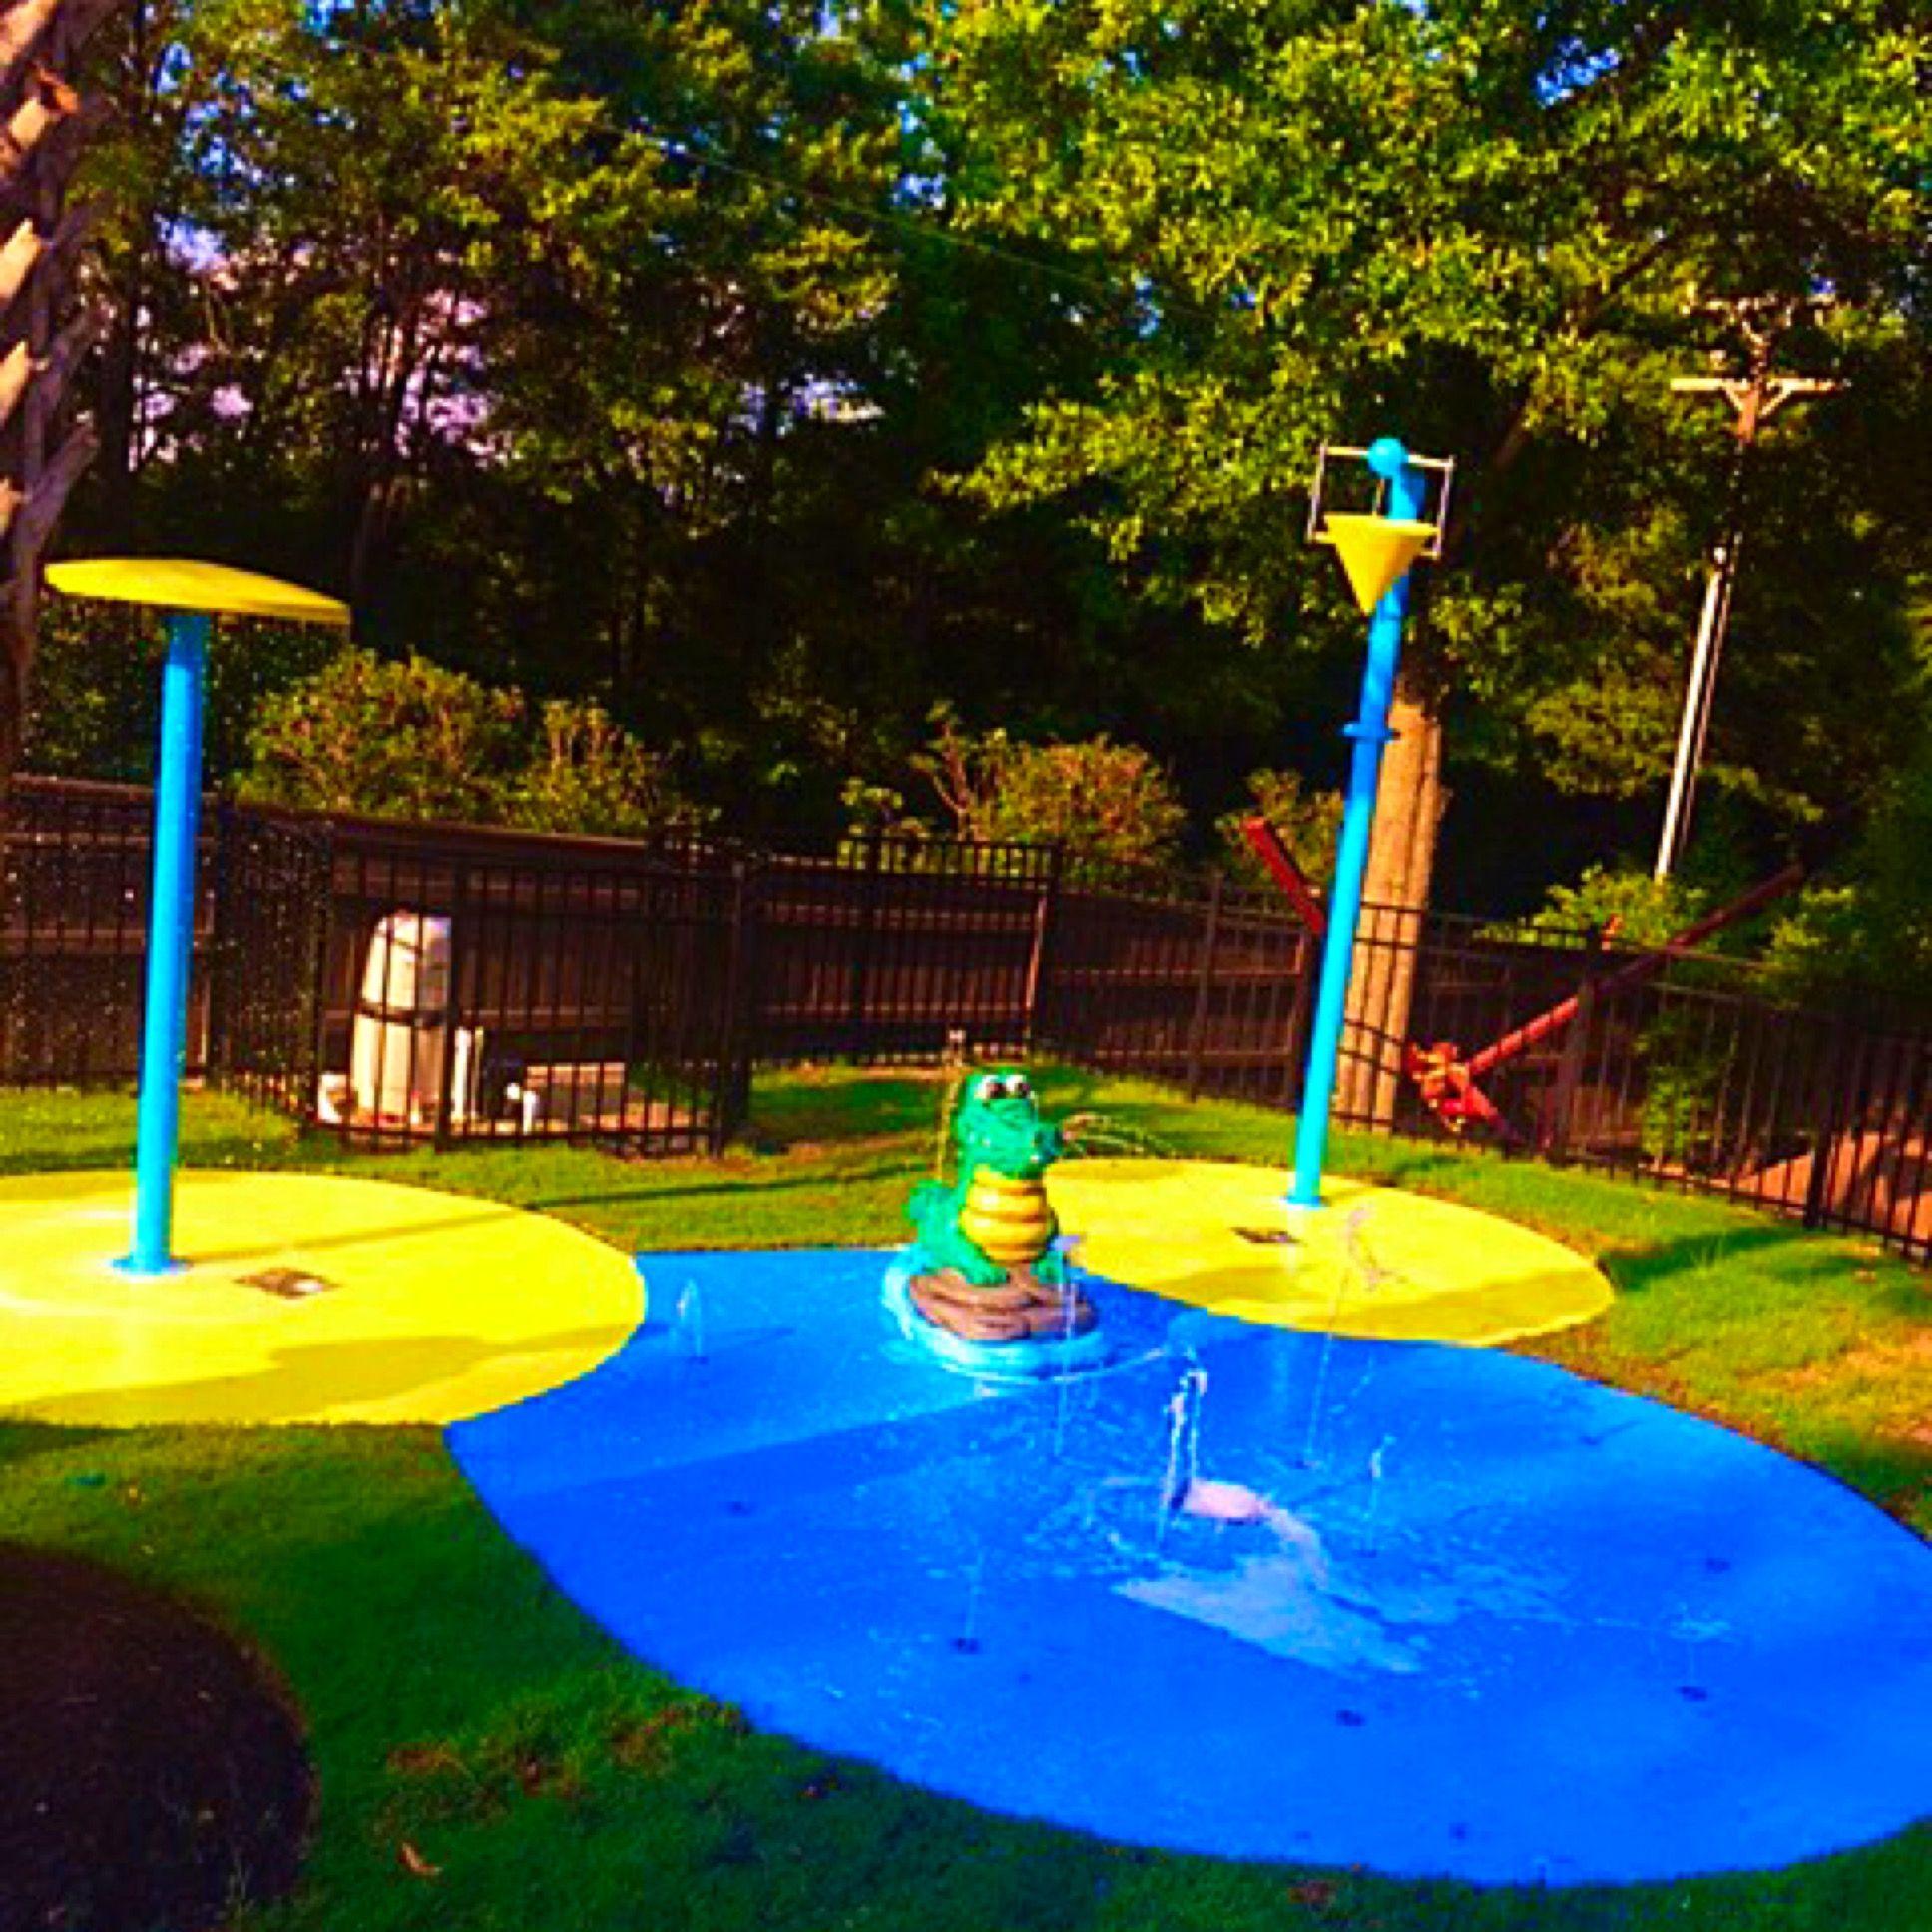 Splash Pad Installation Kits Amp Water Playground Equipment